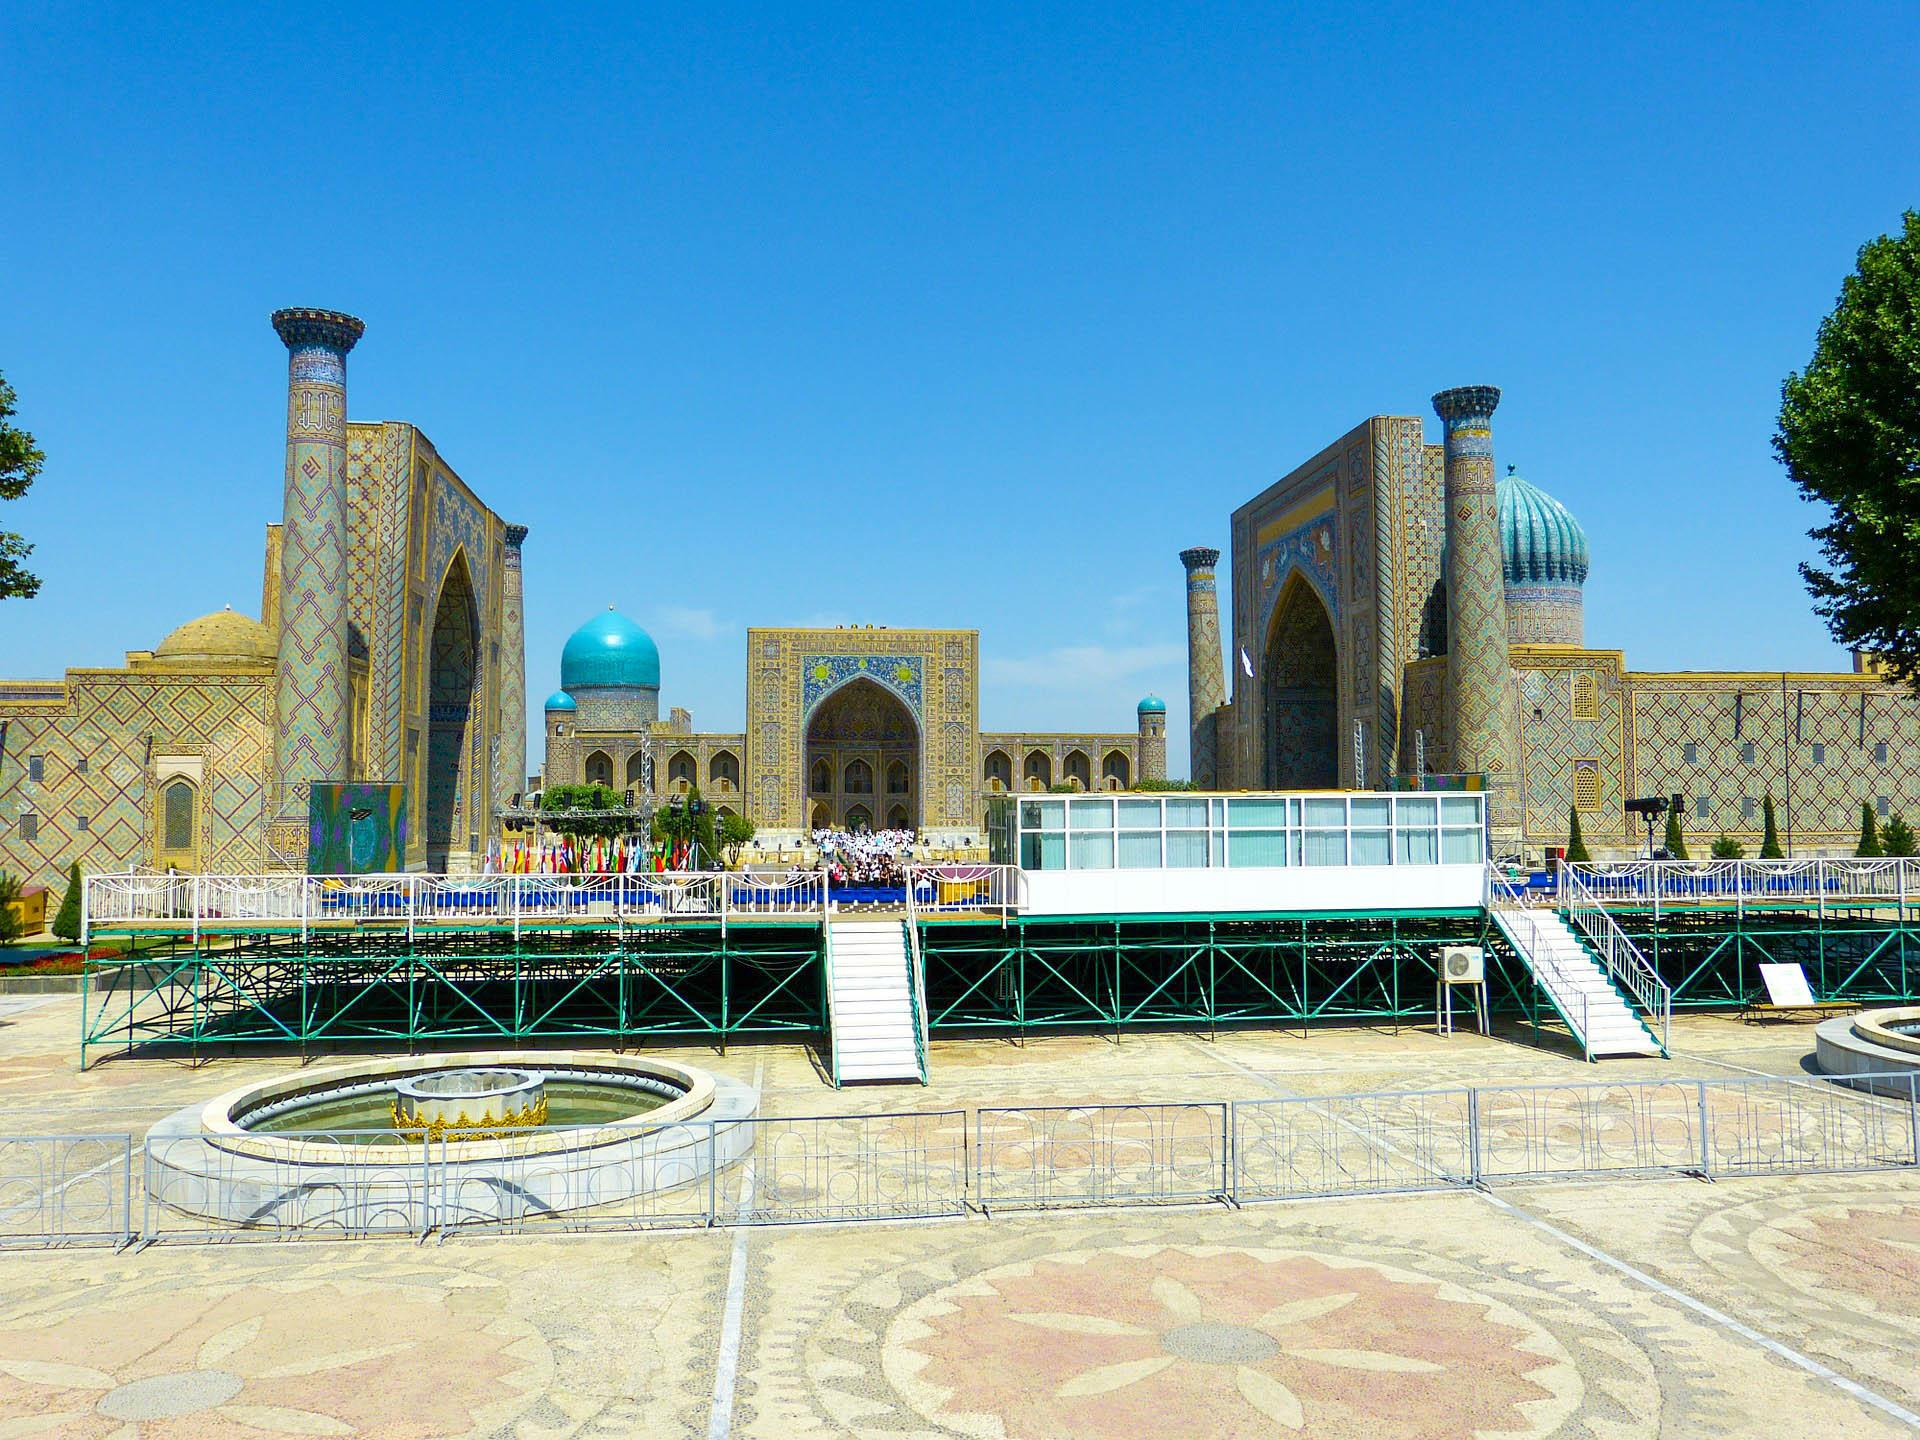 Узбекистан Самарканд Регістан